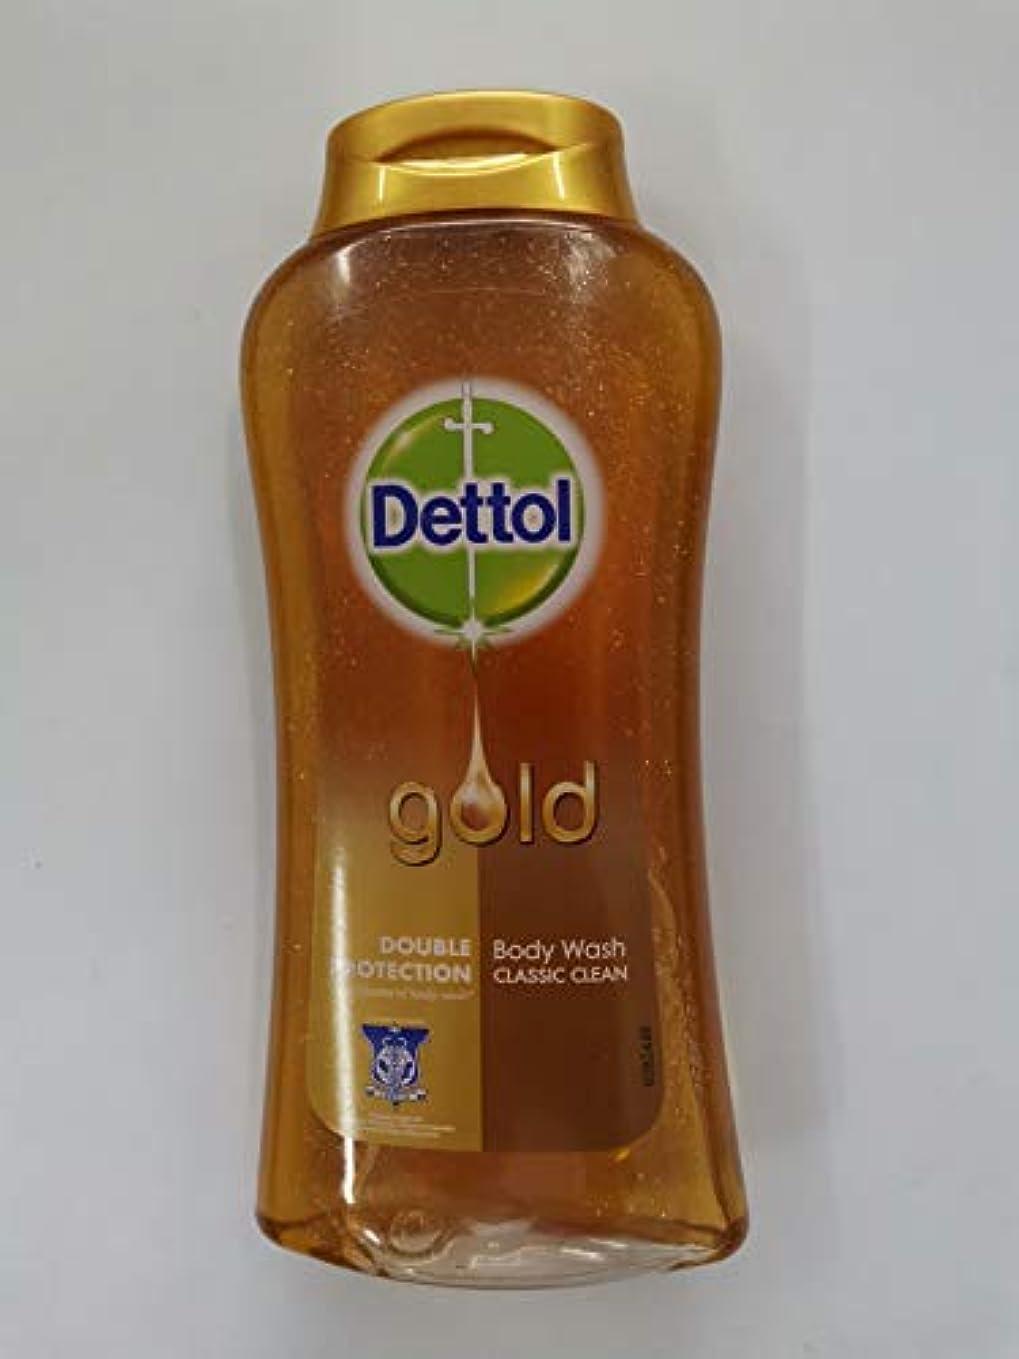 パズル肝呪われたDettol クラシッククリーンボディローション250ミリリットル - 細菌非食用風呂-kills 99.9% - 毎日の細菌を防ぎます